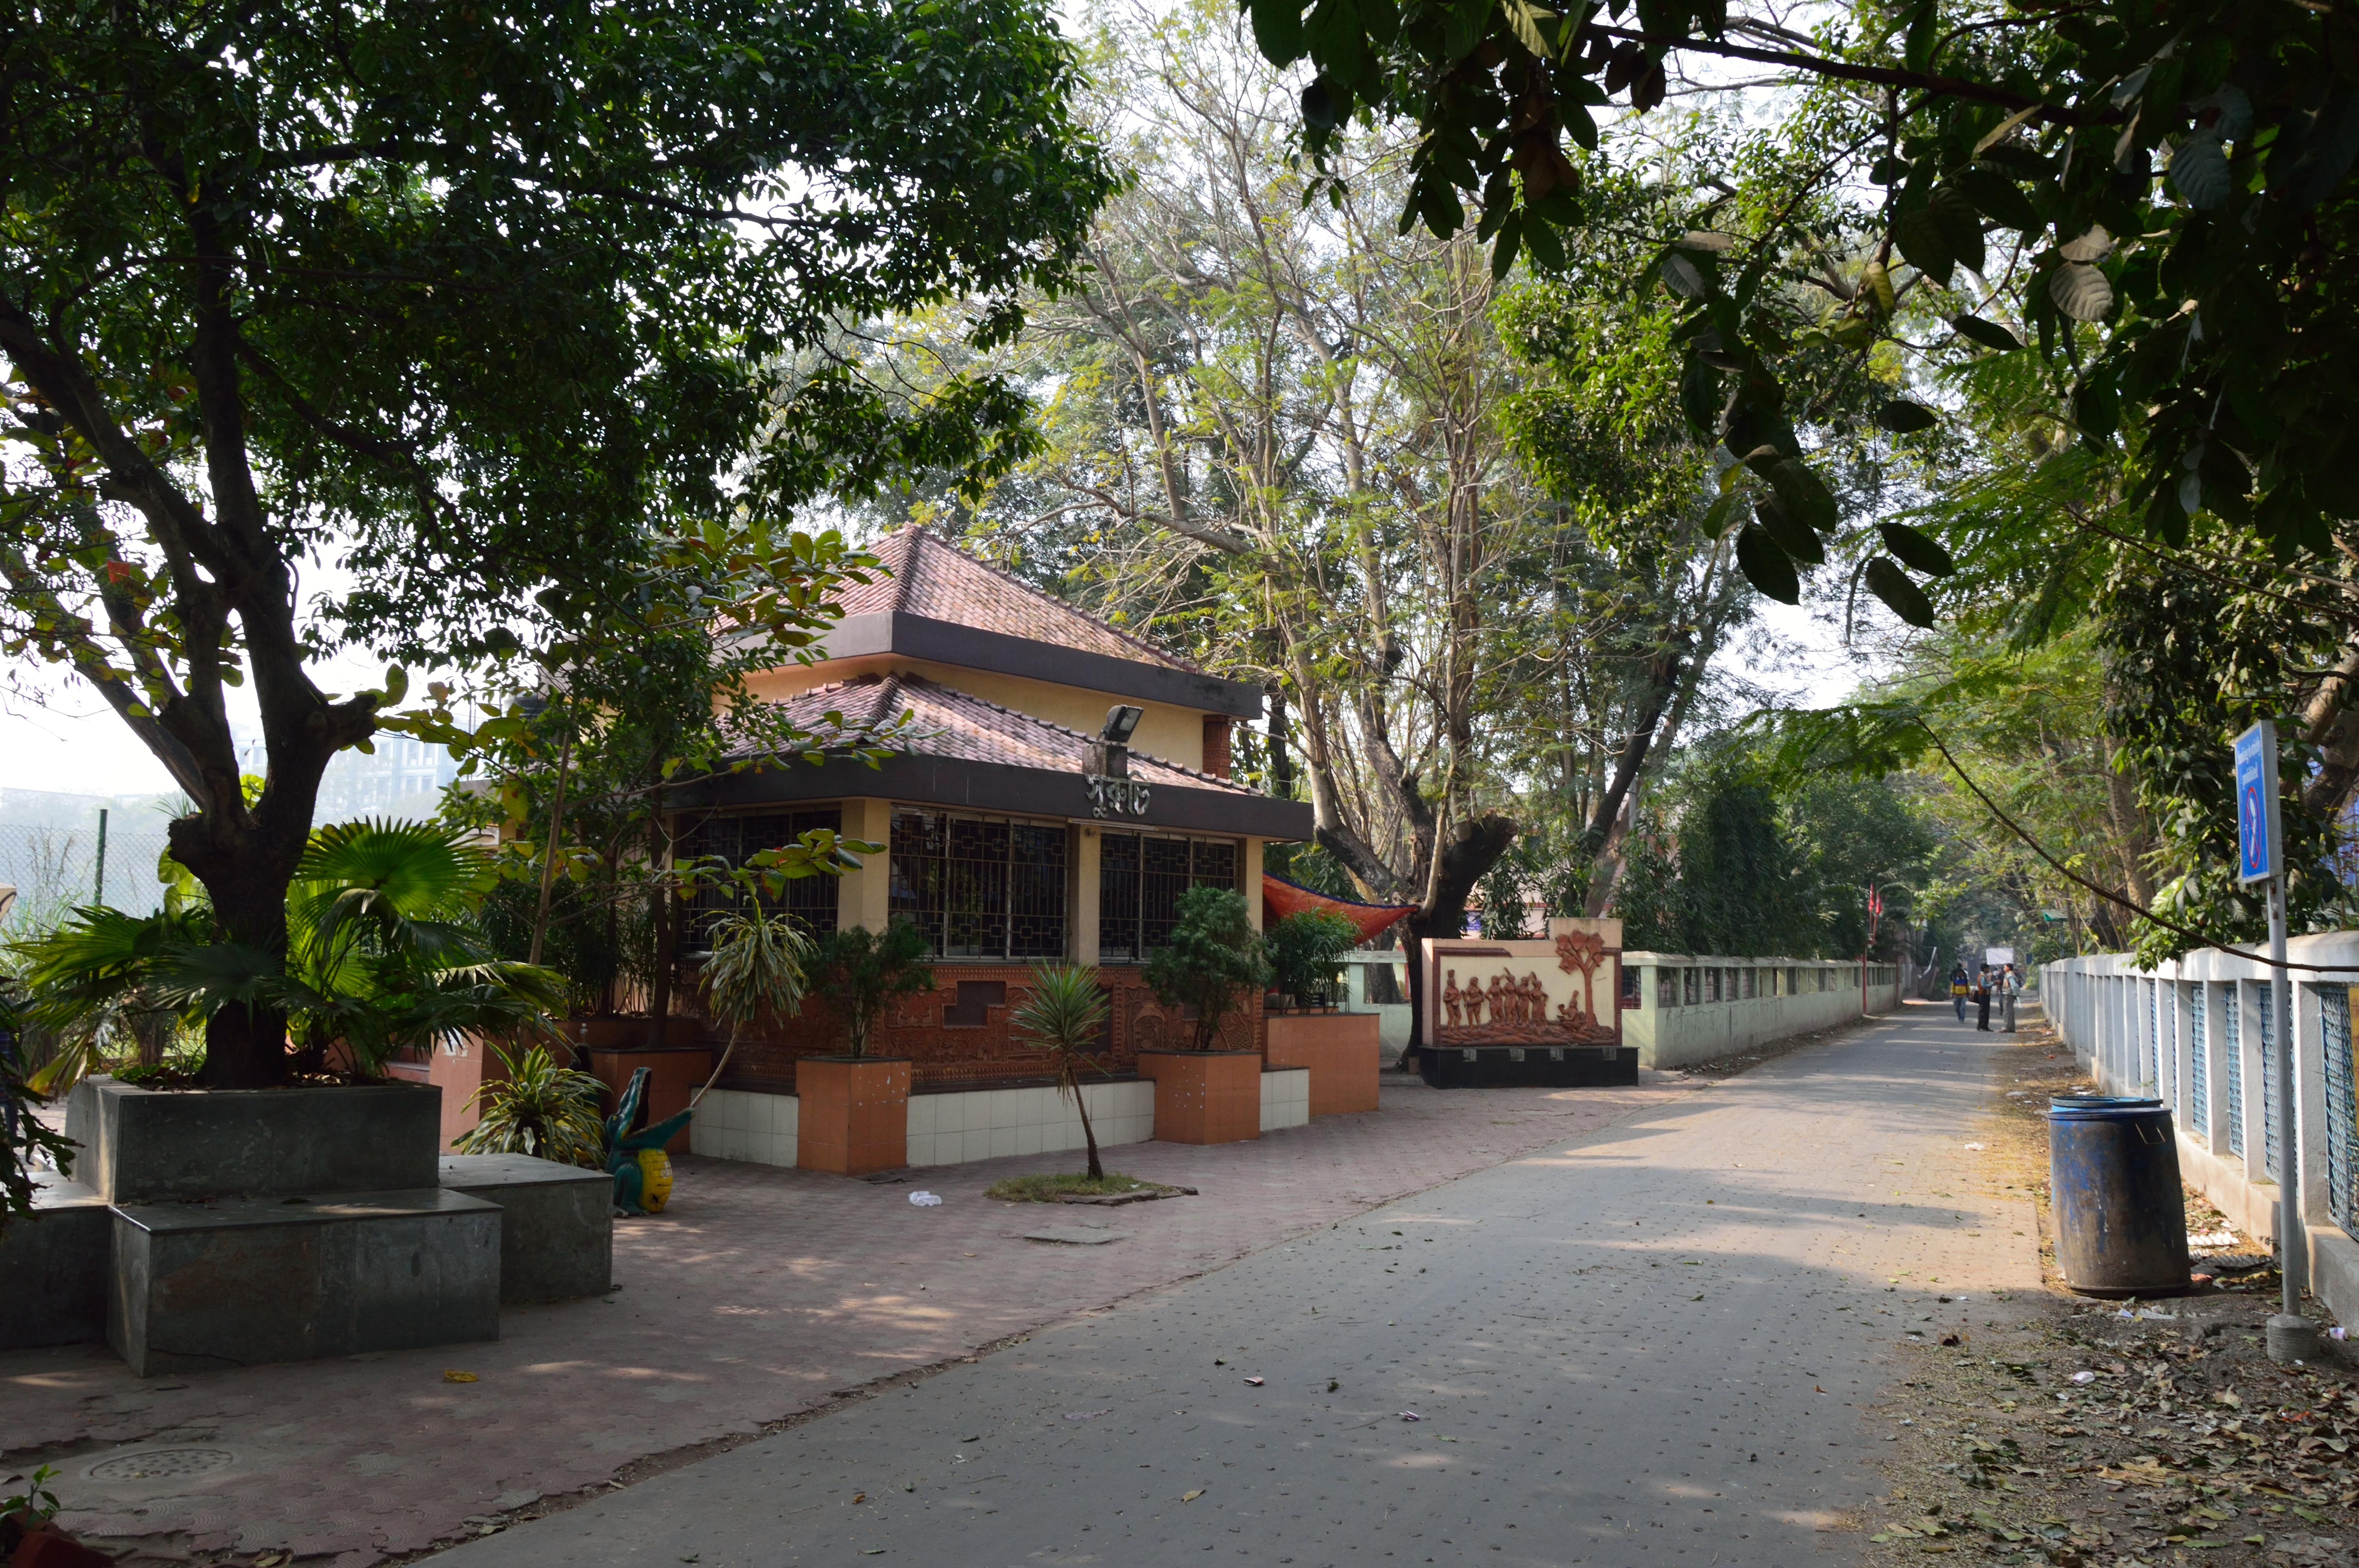 File:Suruchi Canteen Area - Jadavpur University - Kolkata 2015-01-08 2389